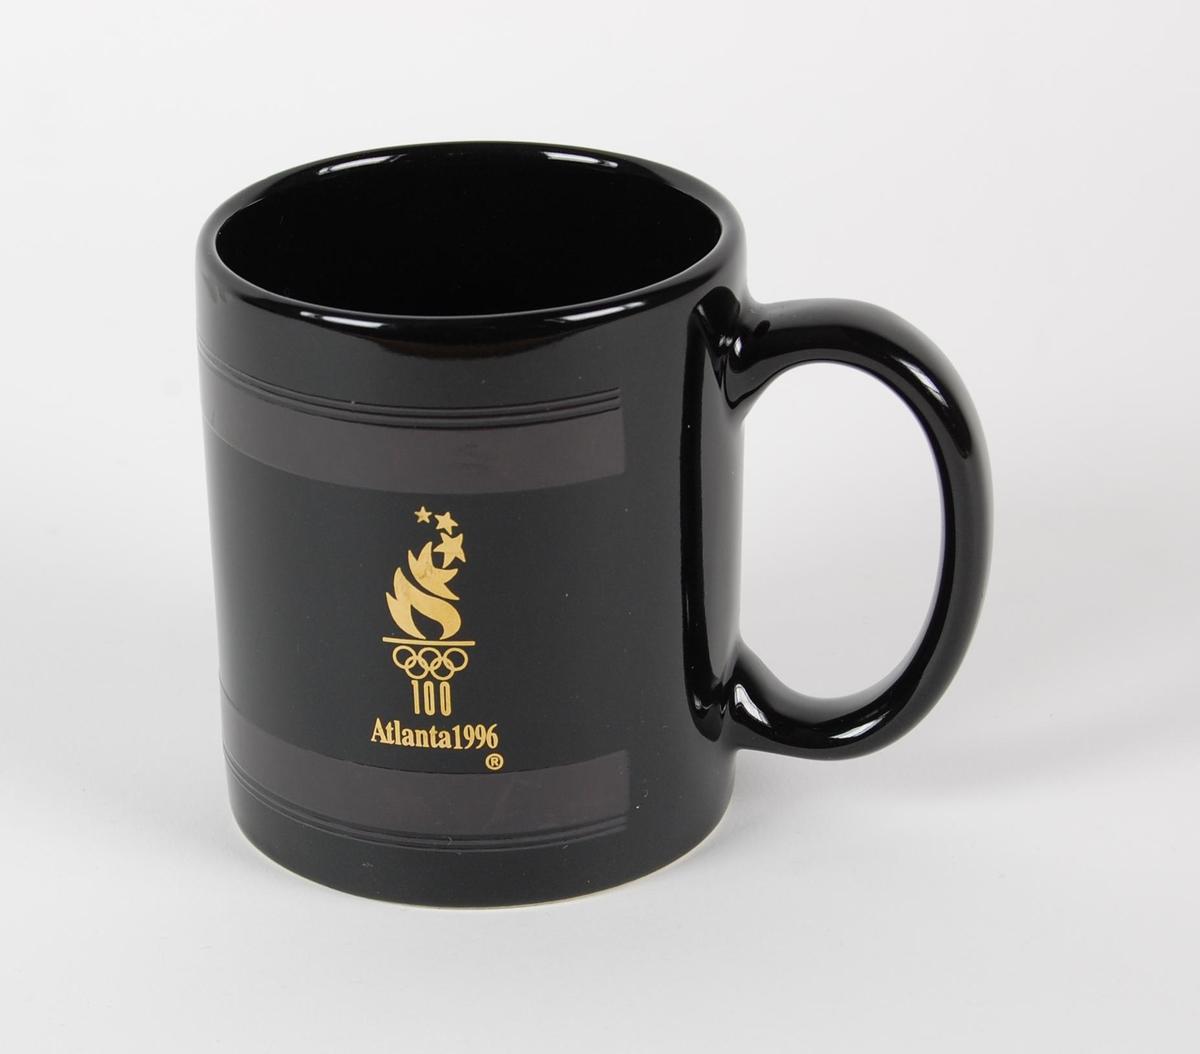 Sort kopp med hank. To gullfarvede logoer. Det er blant annet en logo for de olympiske leker i Atlanta i 1996.